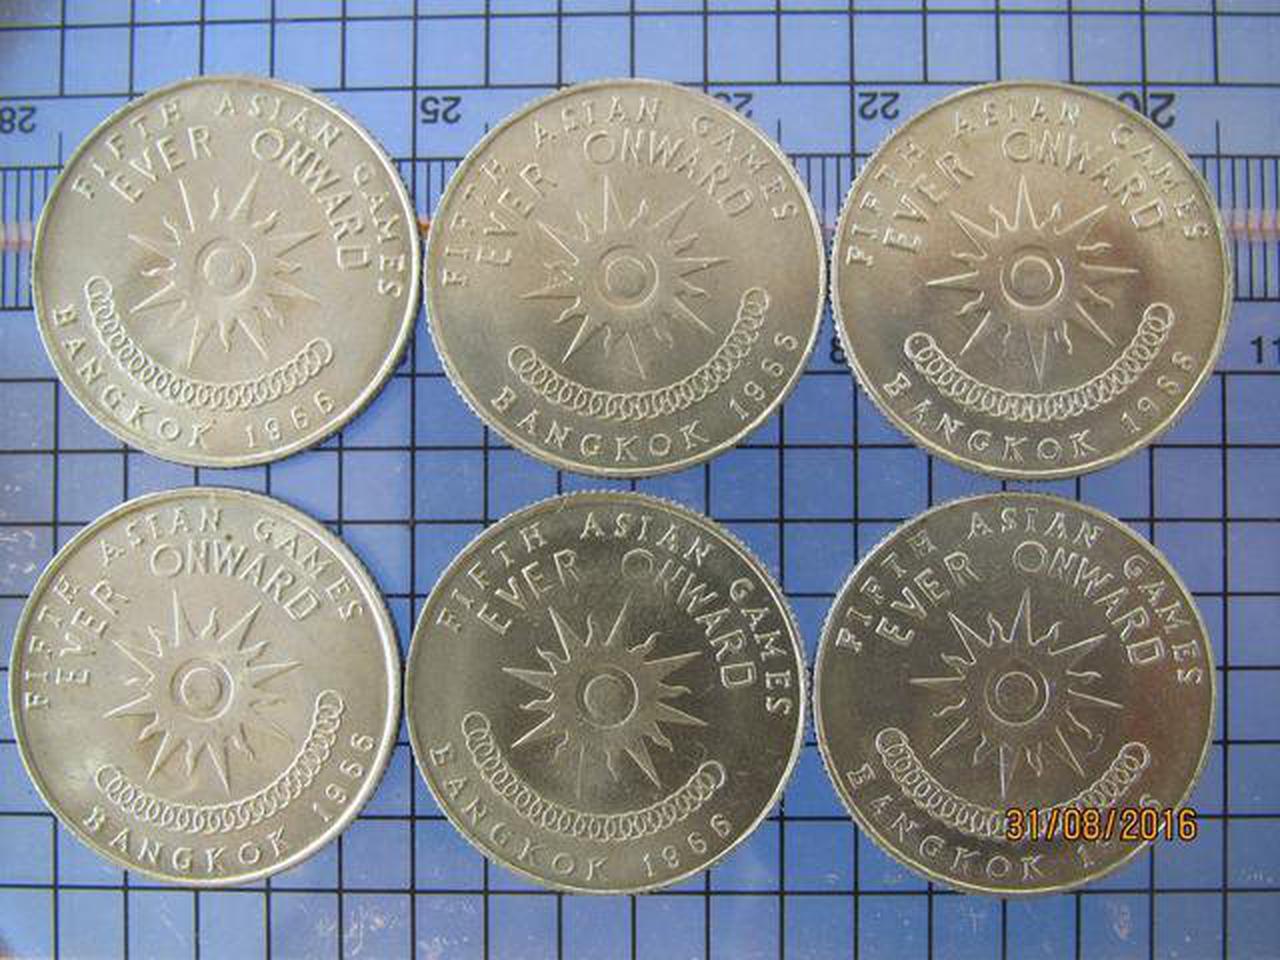 3822 เหรียญกษาปณ์ที่ระลึก 1 บาท เอเชี่ยนเกมส์ ครั้งที่ 5 ปี  รูปที่ 3